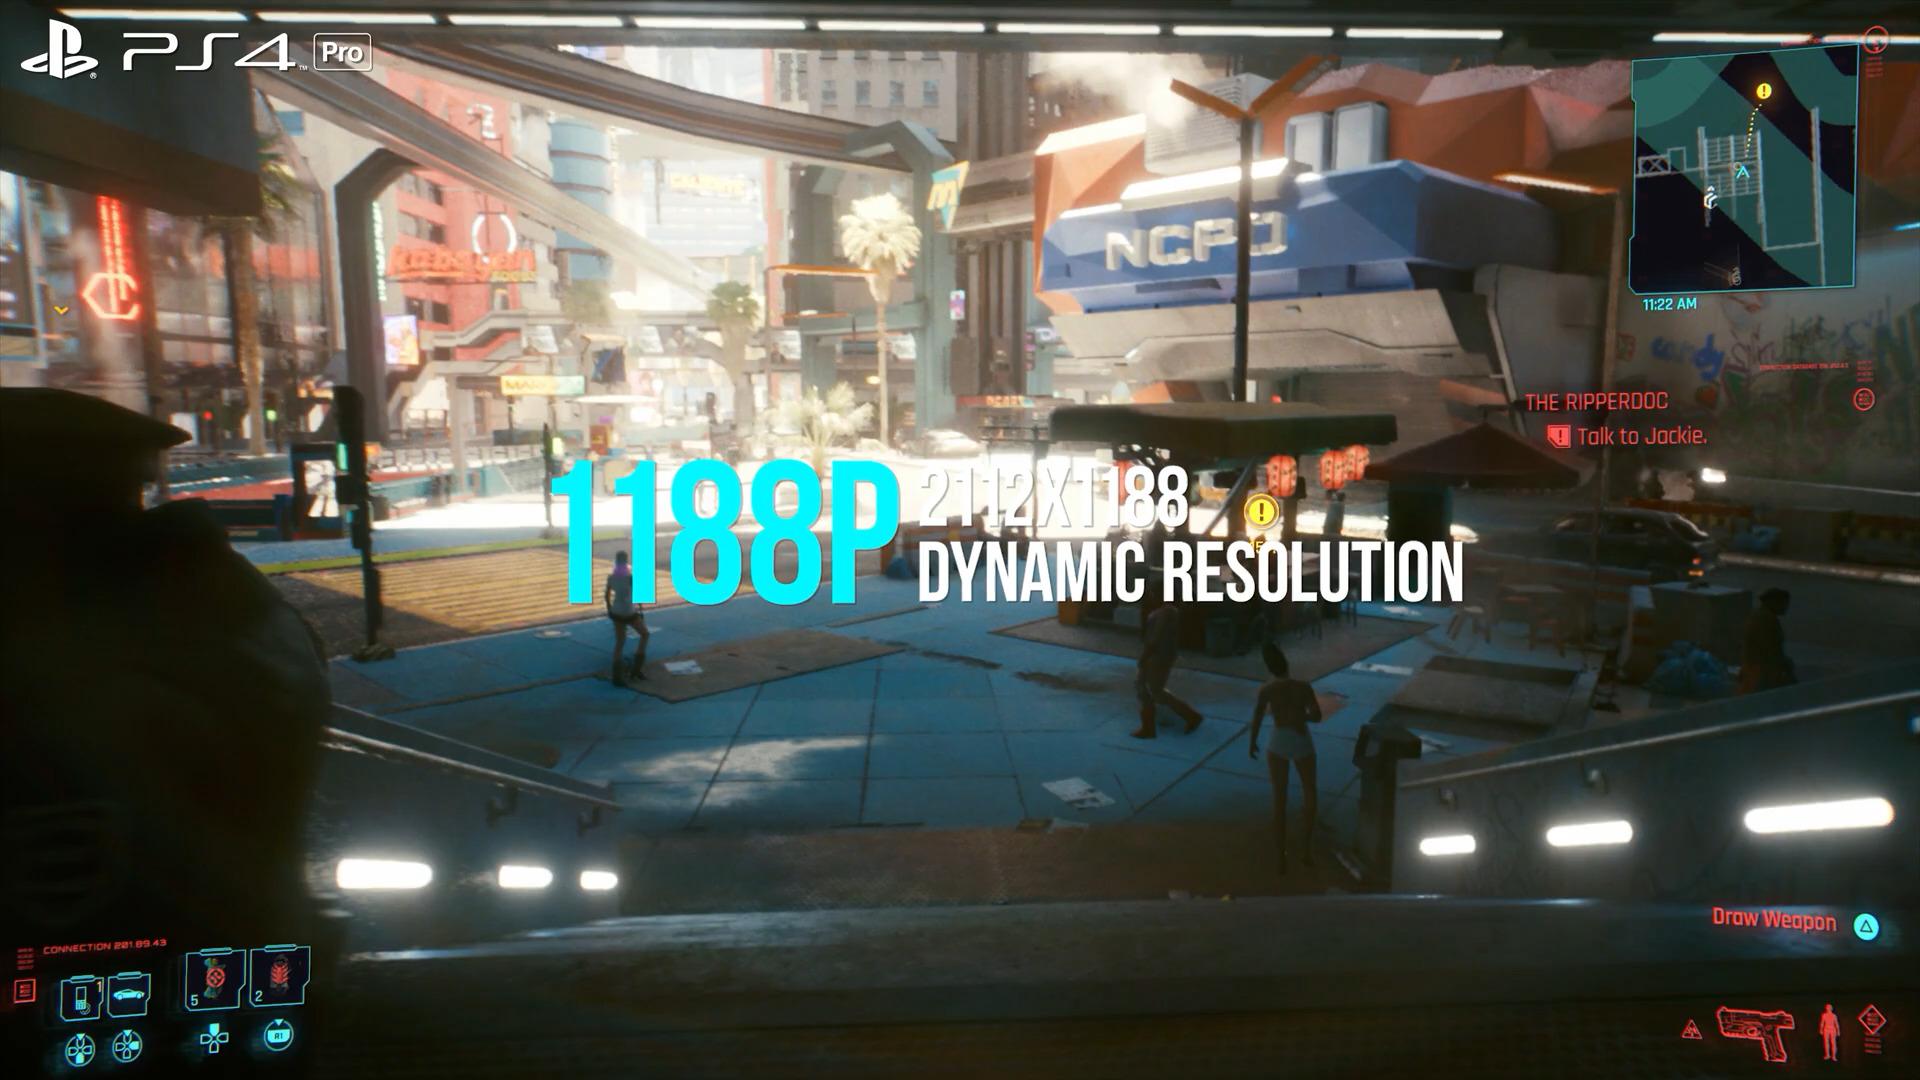 数毛社《赛博朋克2077》PS4/Pro版画面分析 勉强能玩